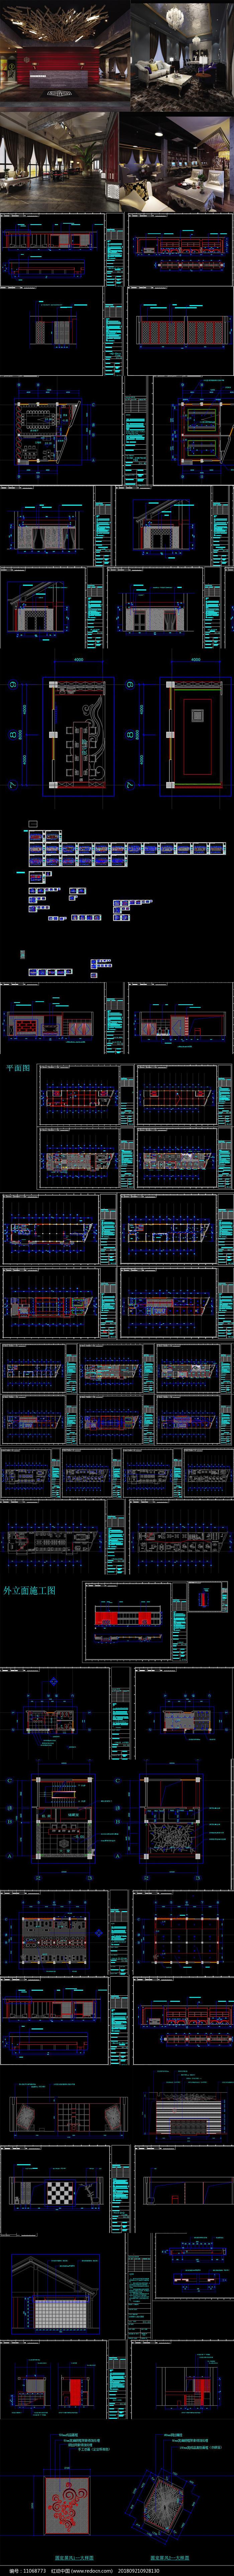 某装饰公司CAD施工图 效果图图片